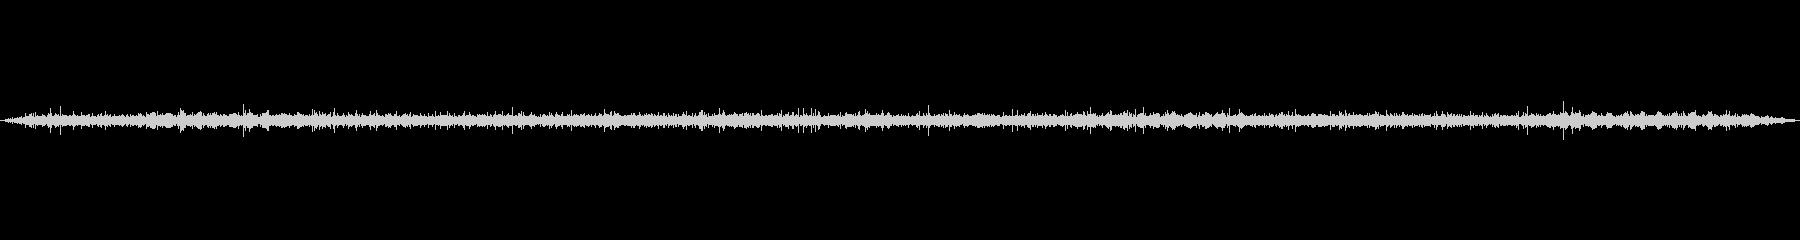 田園 サバンナダムオーバーフロー01の未再生の波形